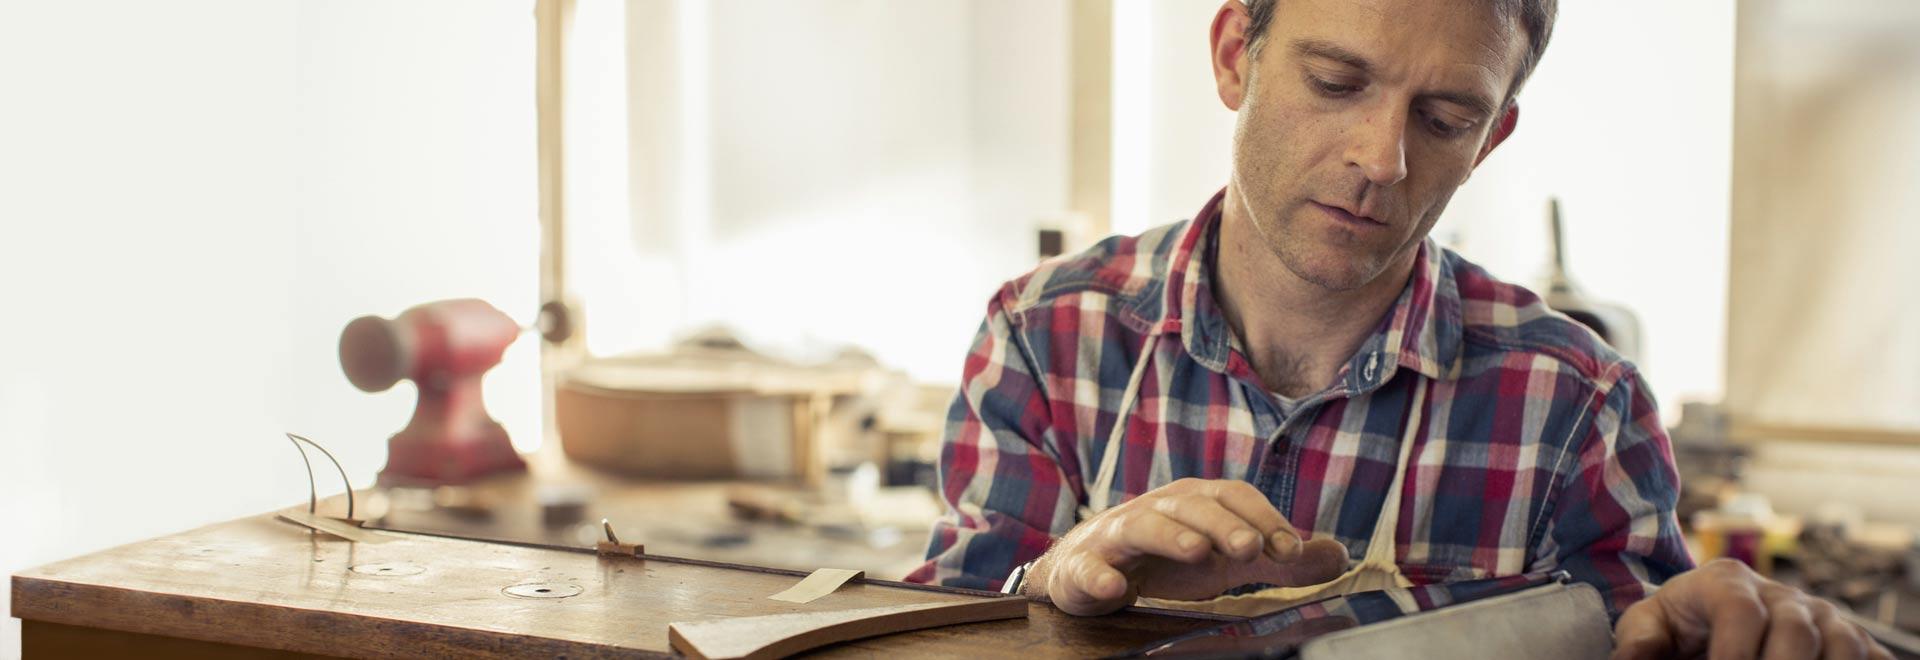 Seorang lelaki di dalam bengkel menggunakan Office 365 Business pada tablet